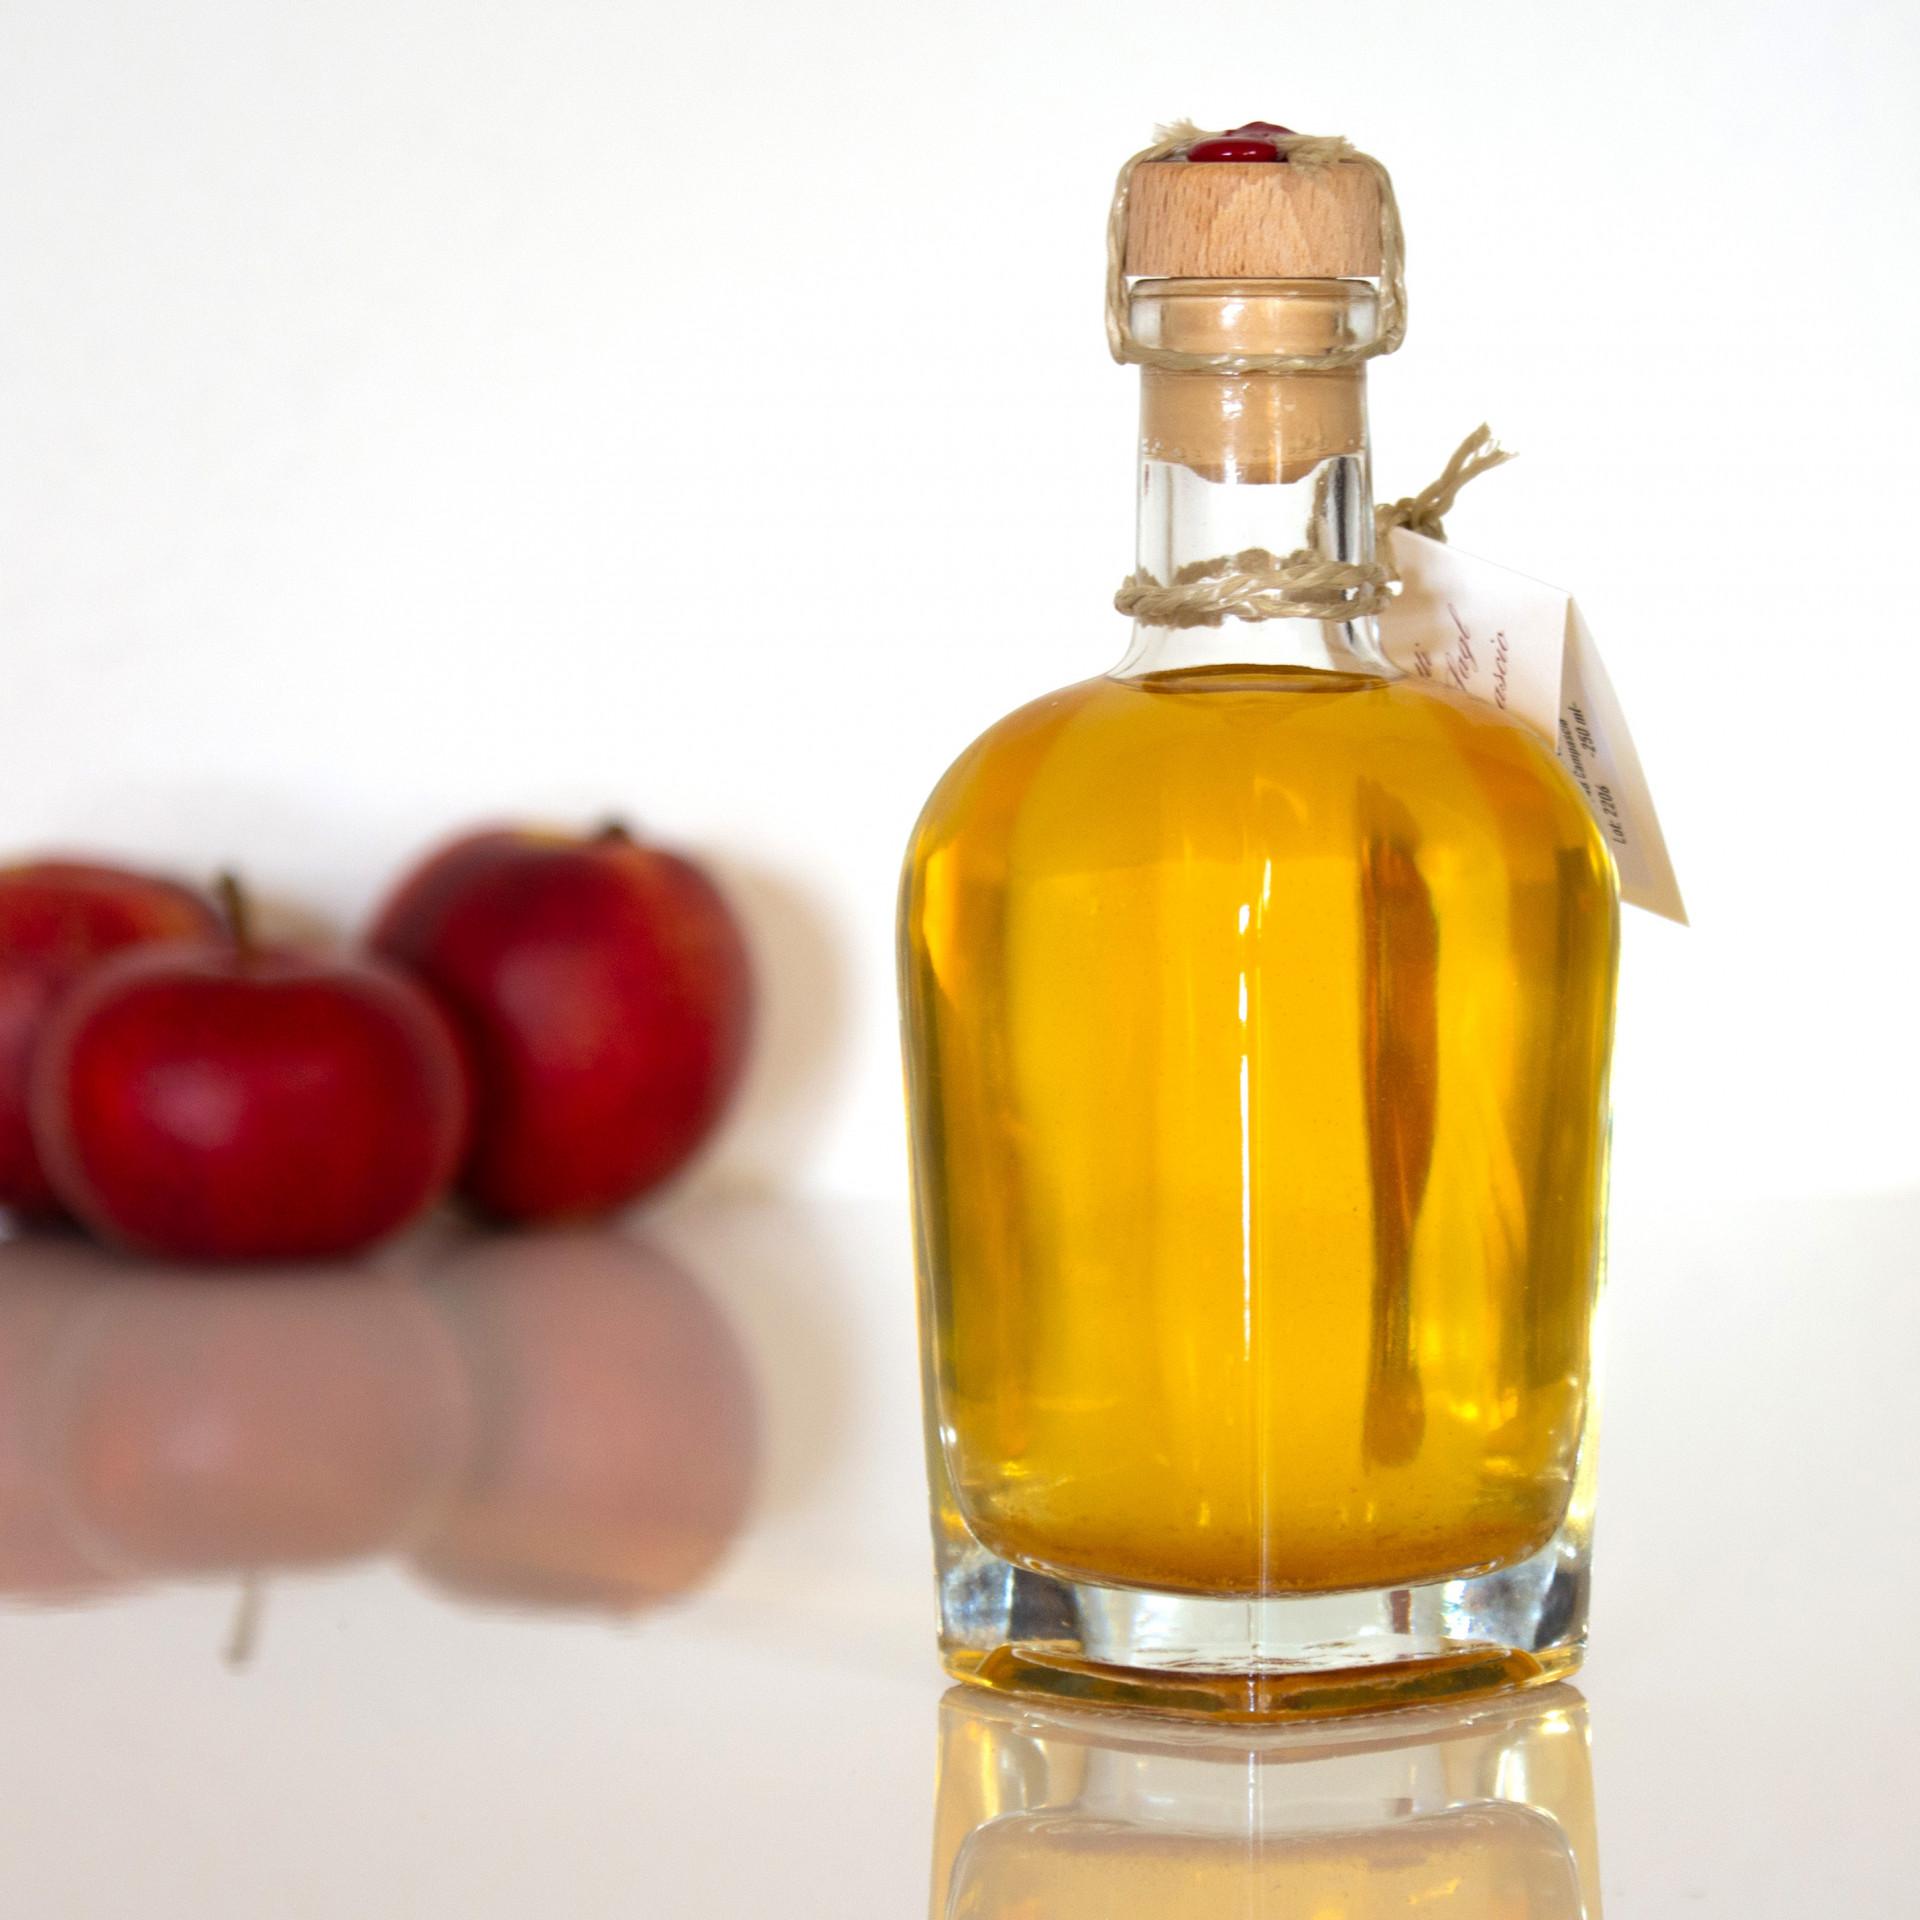 Apfelessig Aus Dem Puschlav, Piccoli Frutti